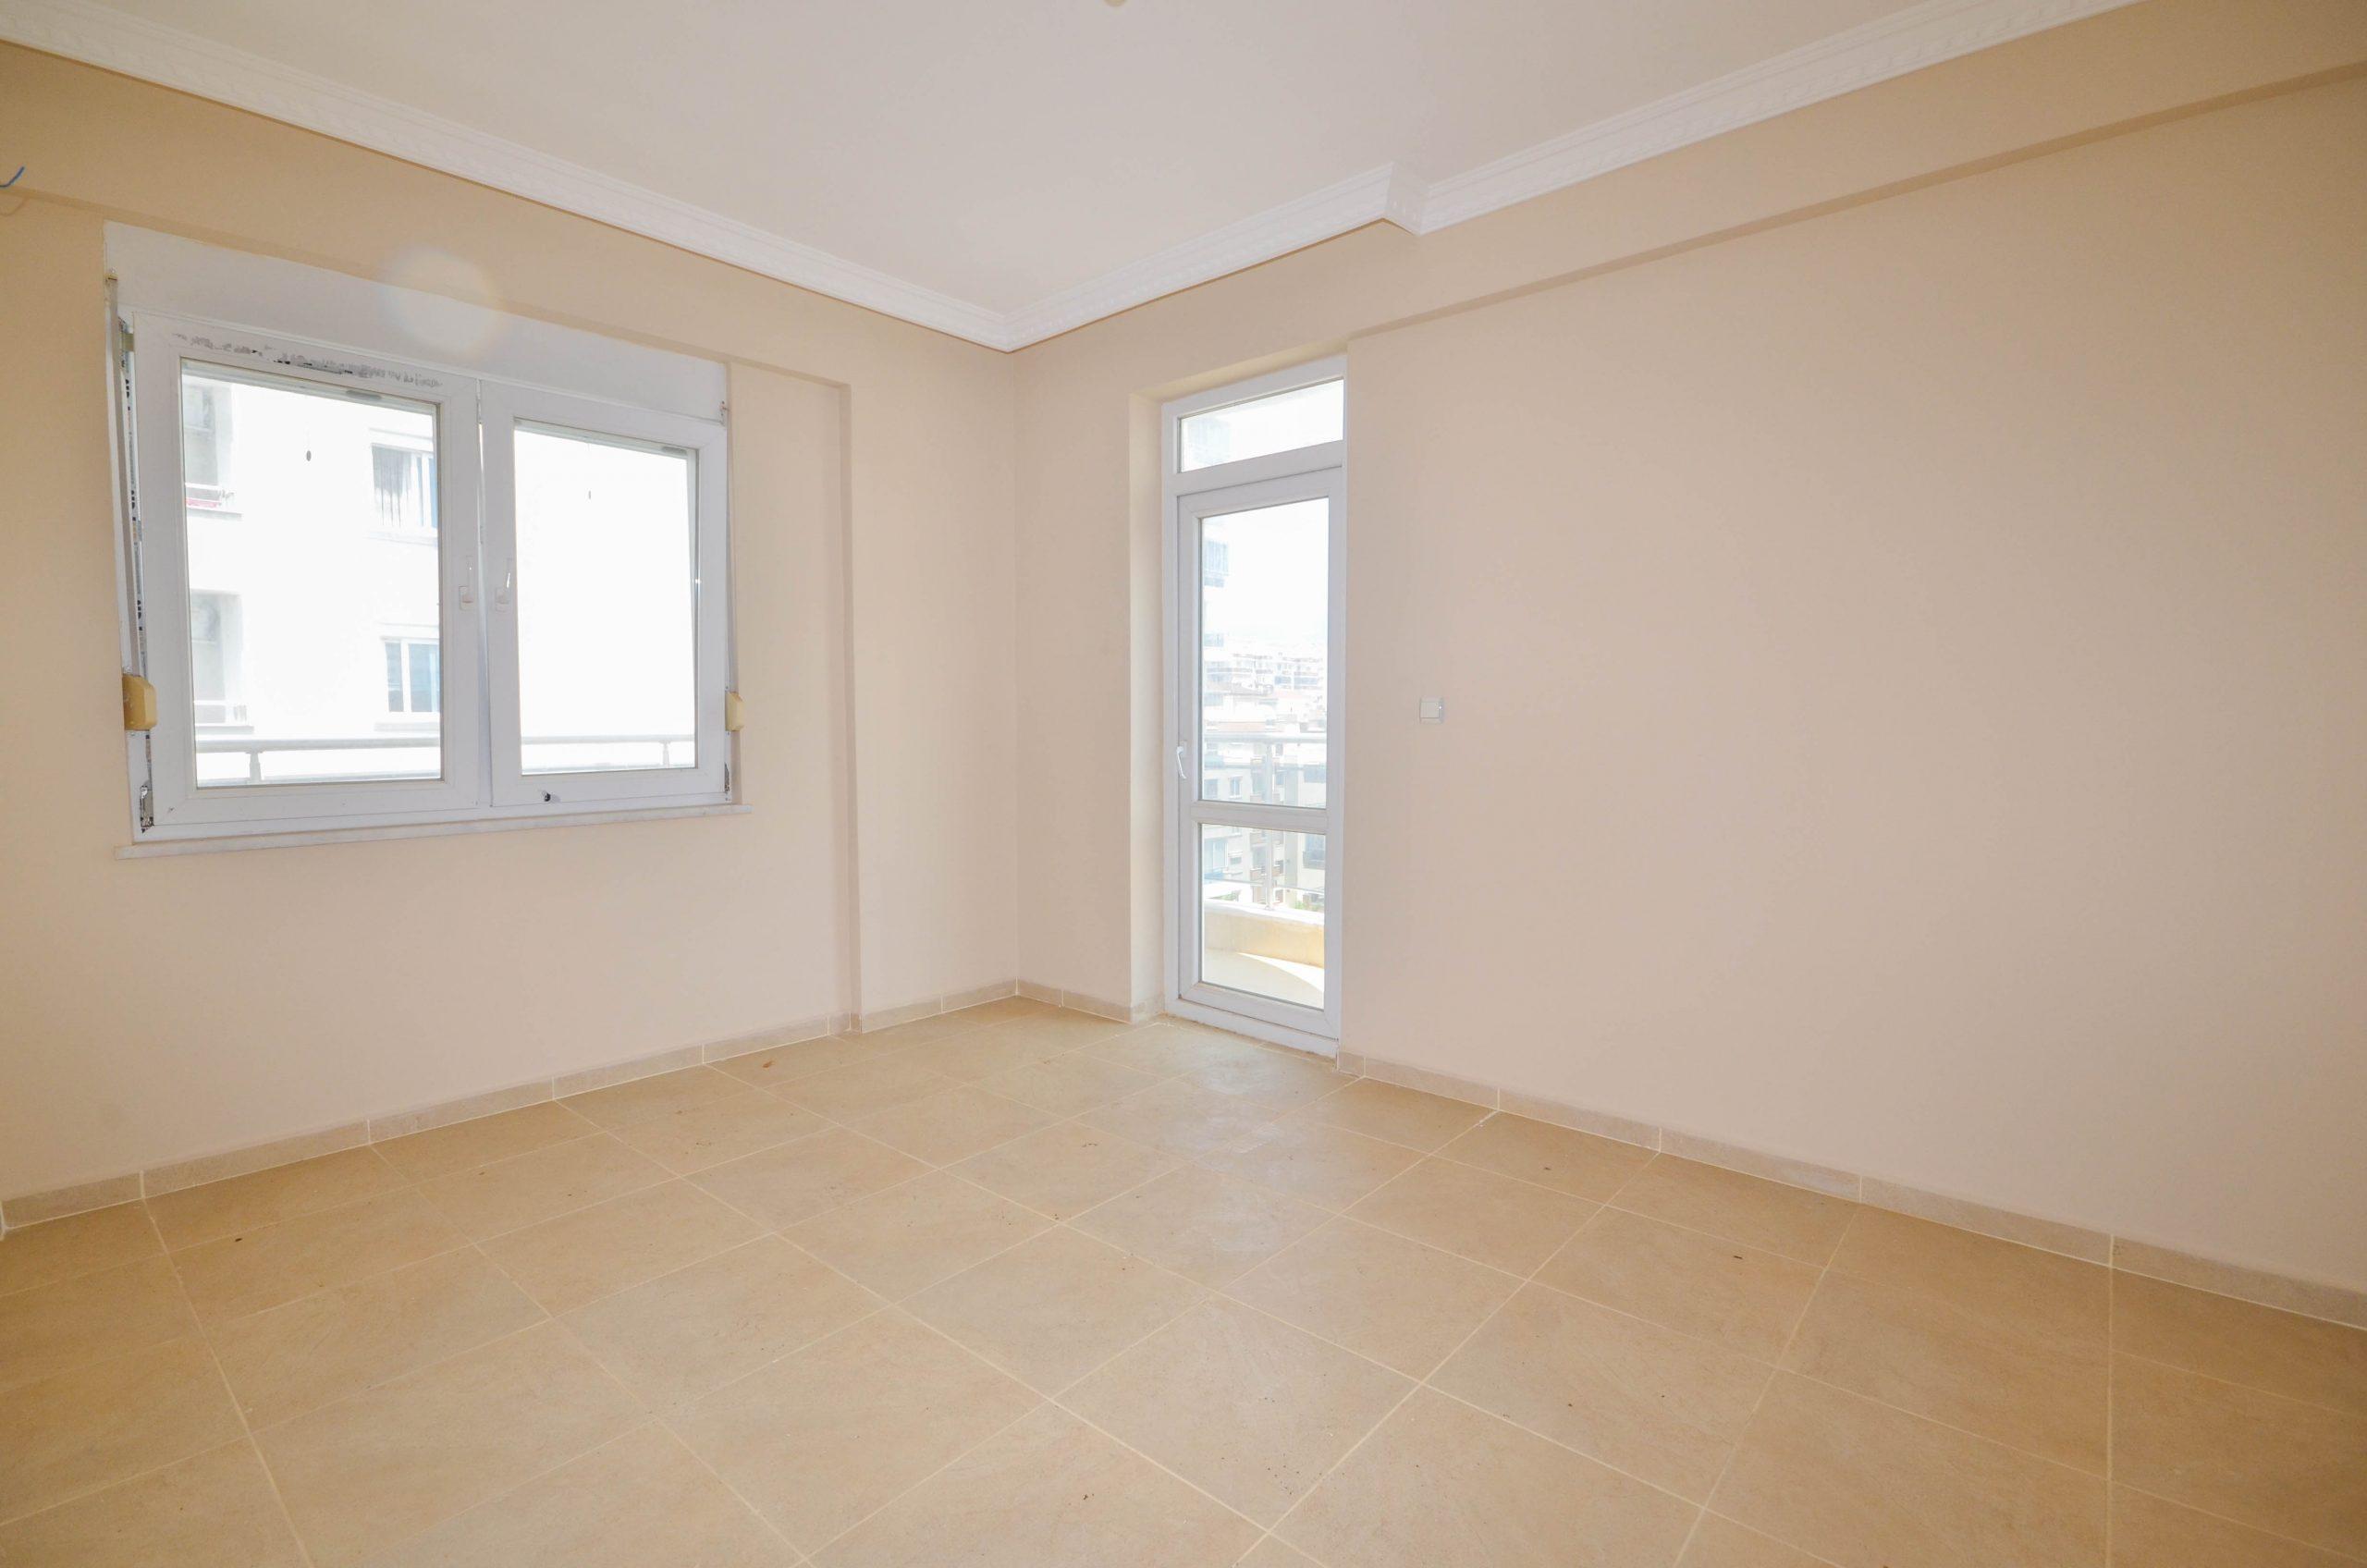 Трёхкомнатная квартира в районе Махмутлар - Фото 12